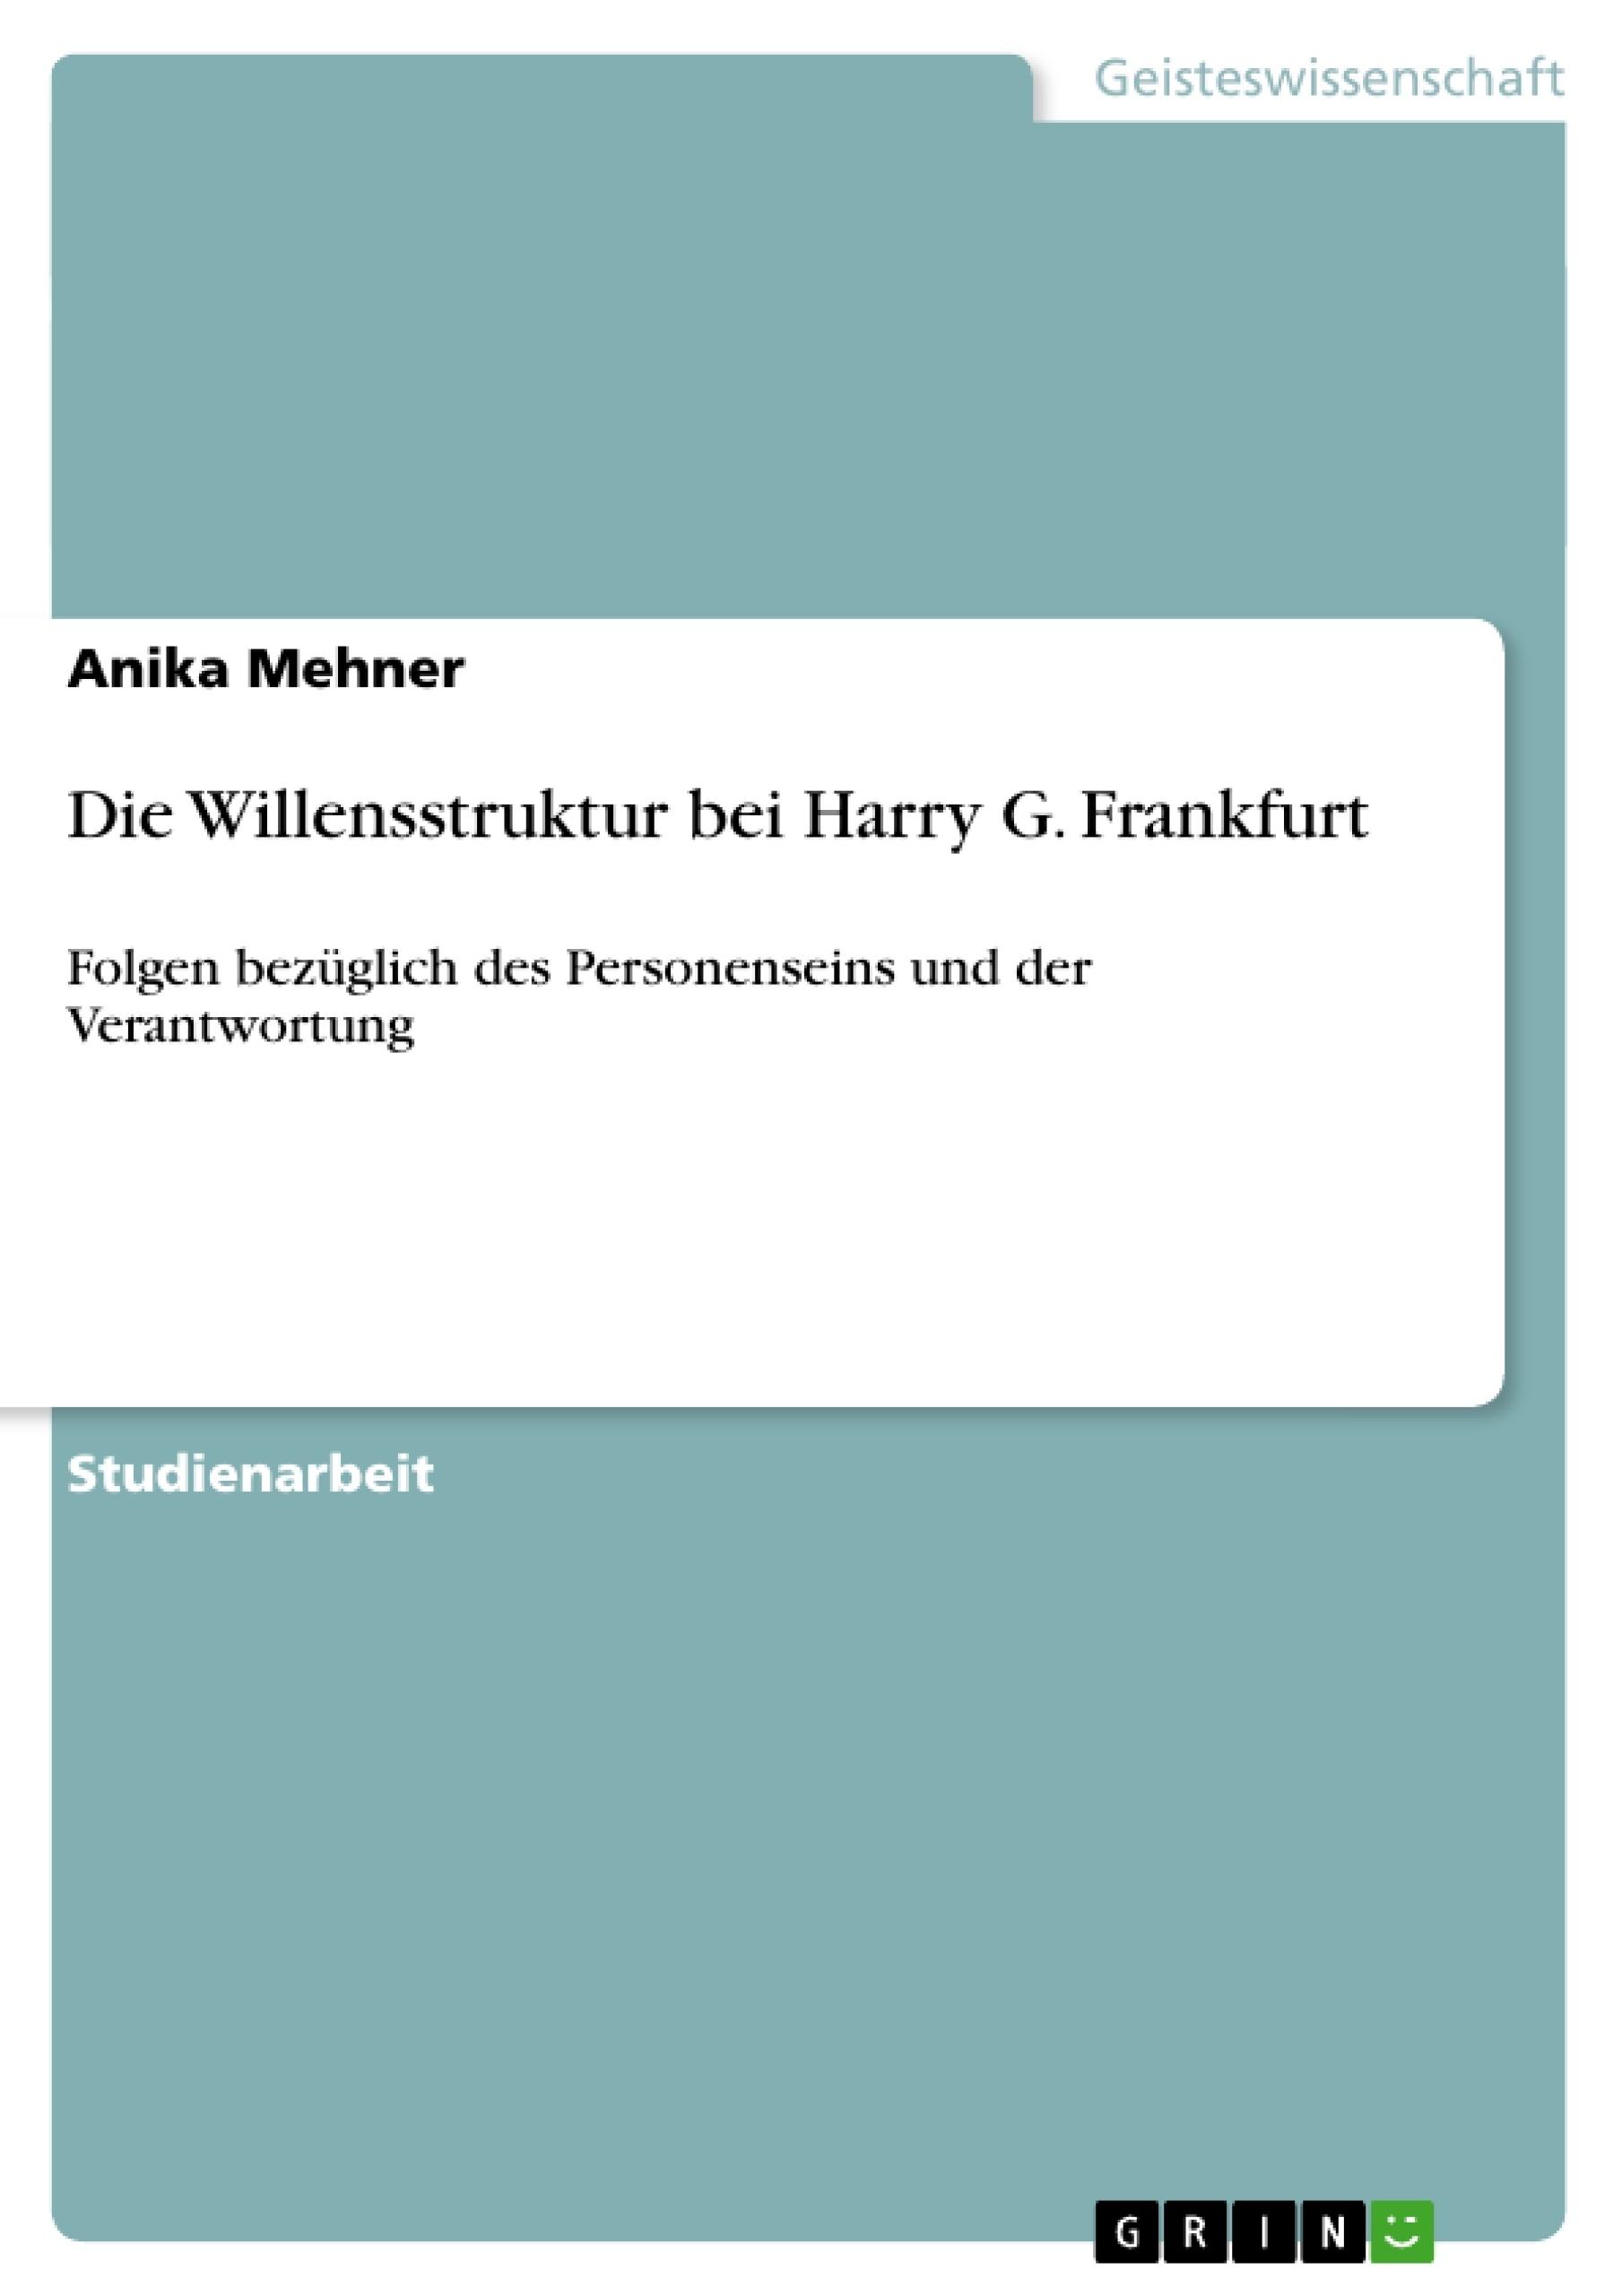 Titel: Die Willensstruktur bei Harry G. Frankfurt